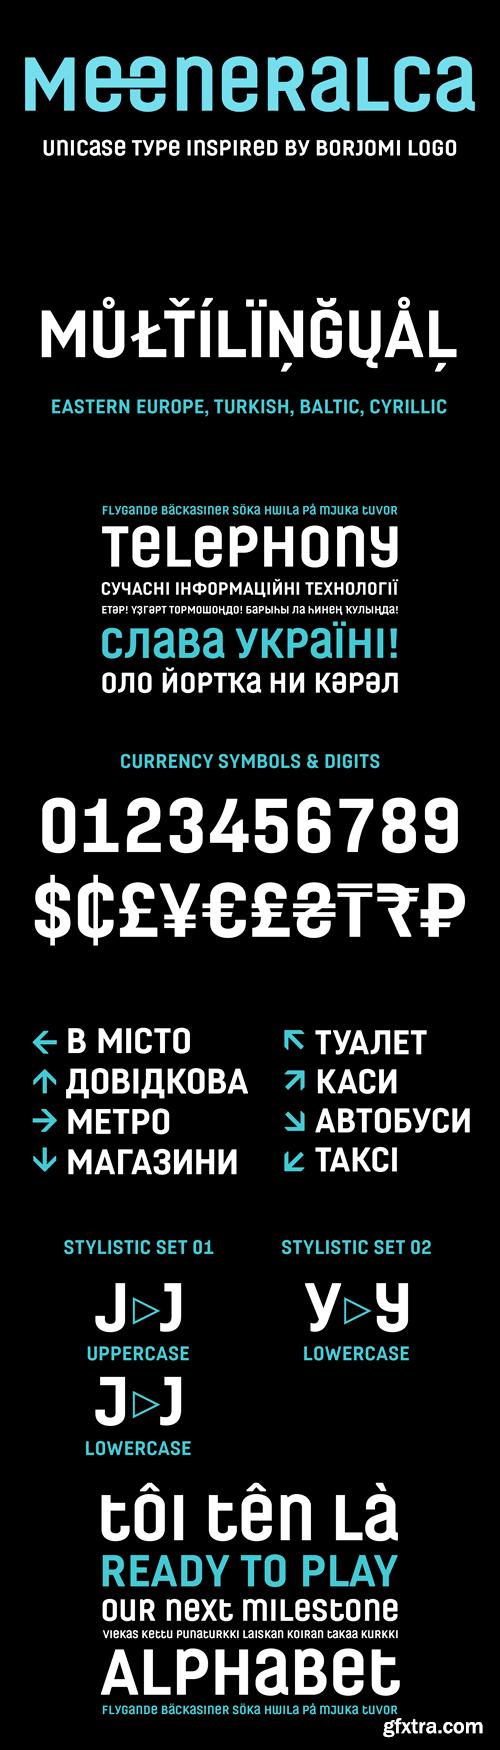 Meeneralca 4F Font for $25